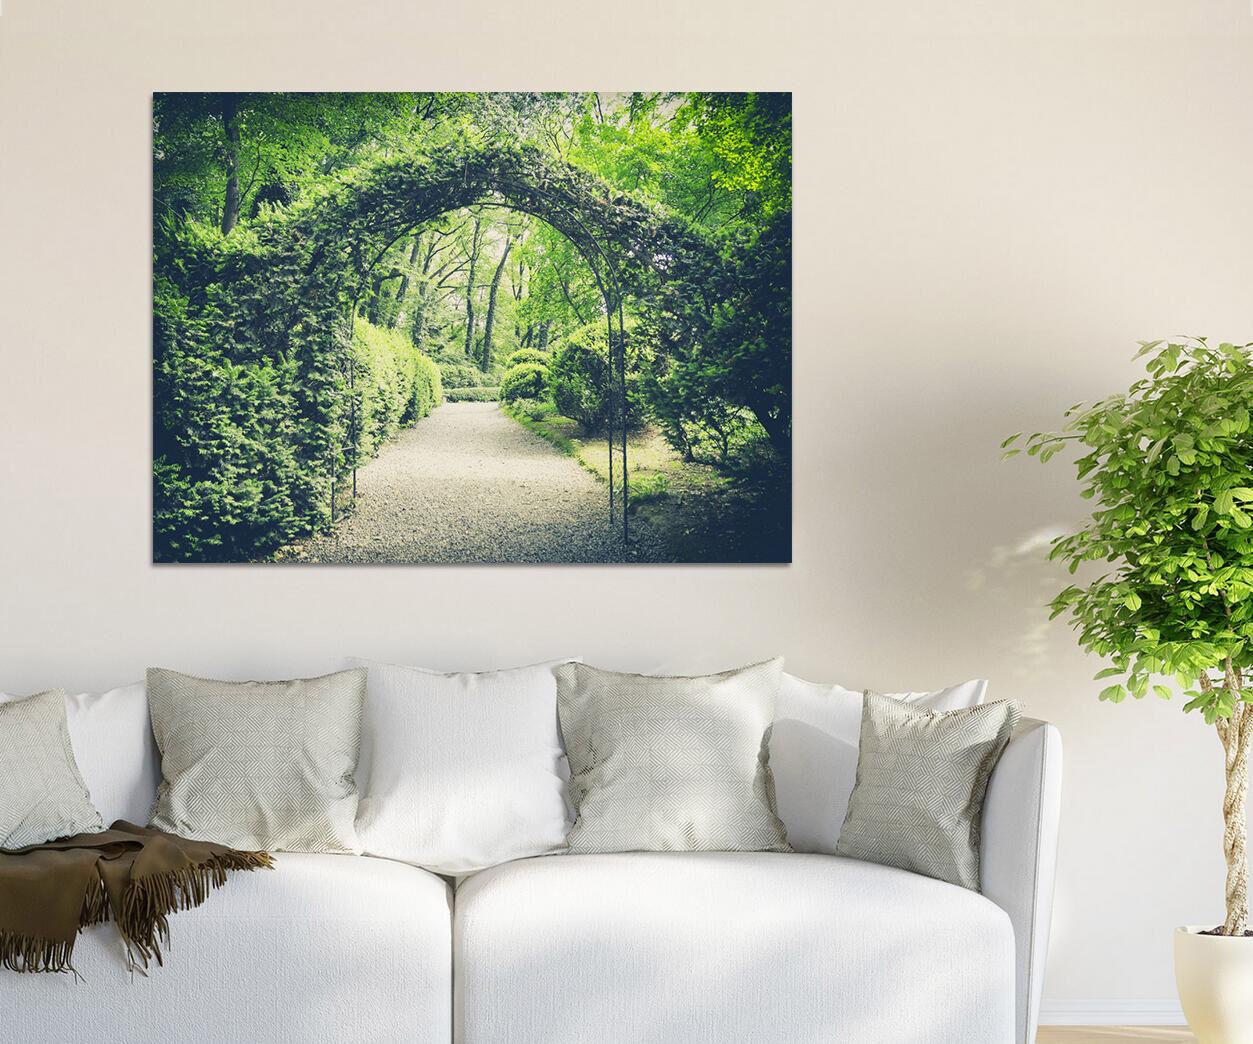 3D Üppige grüne Pflanzen Wege Fototapeten Wandbild BildTapete Familie AJSTORE DE